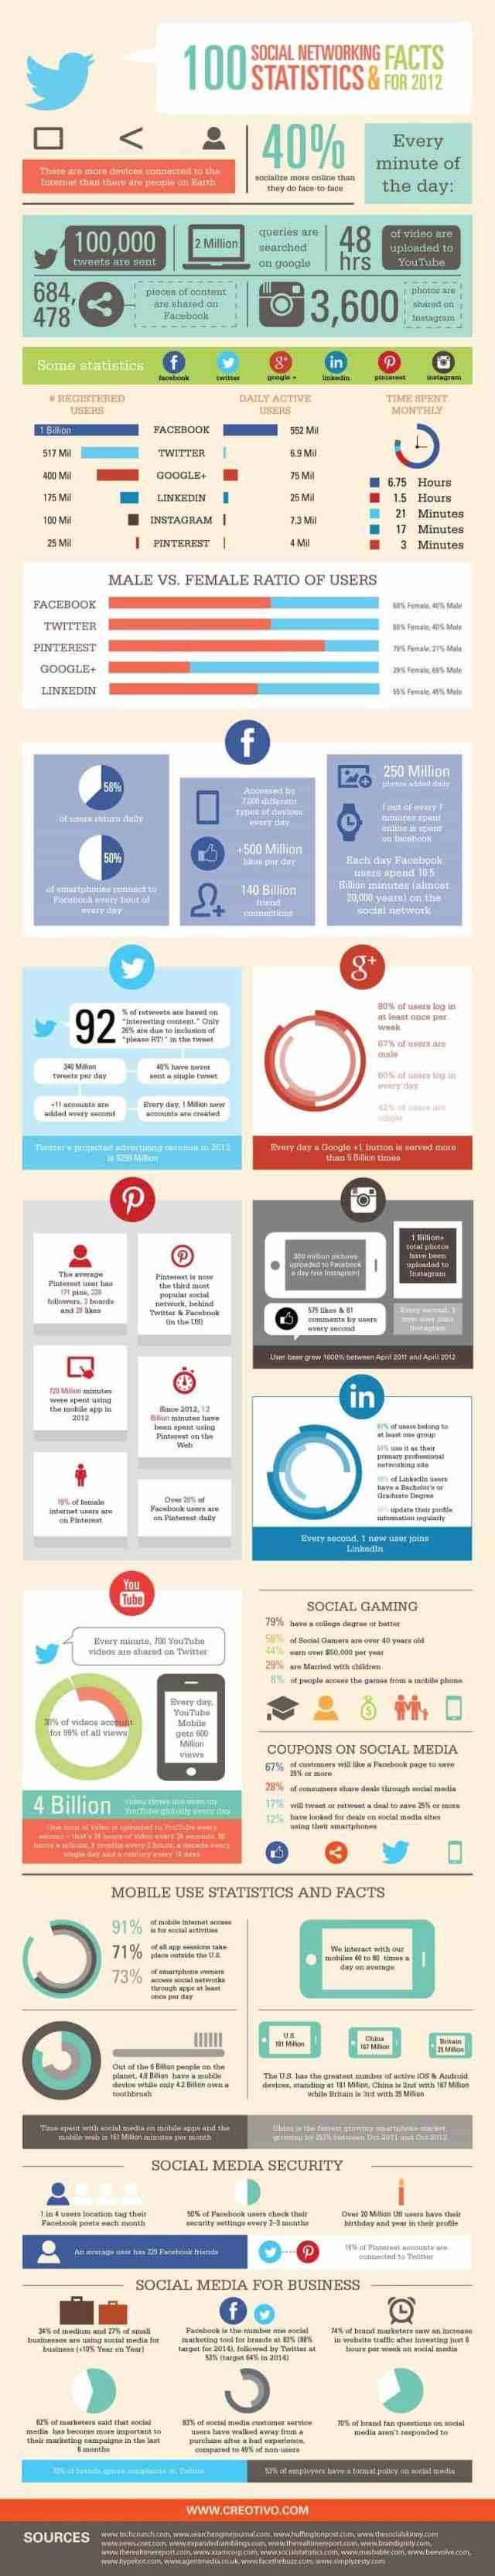 100SocialMediaStats2012